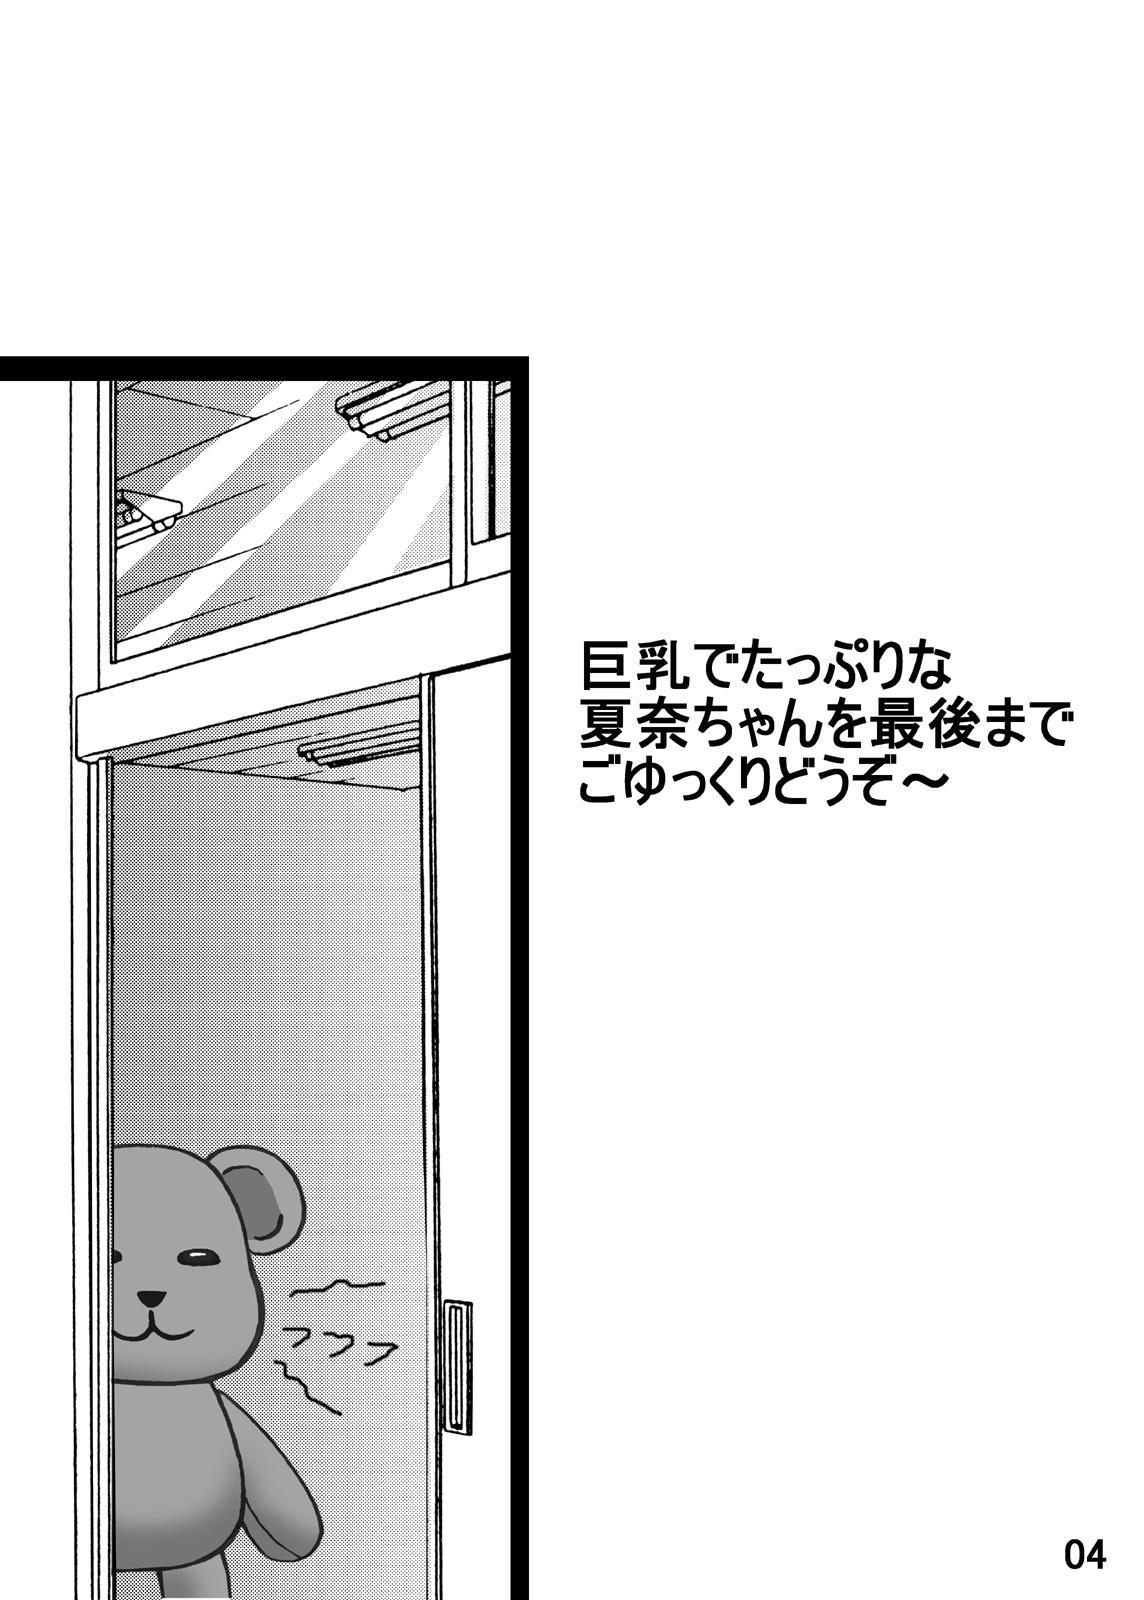 Bakunyuu Bishoujo Yorozu Hon Set 121